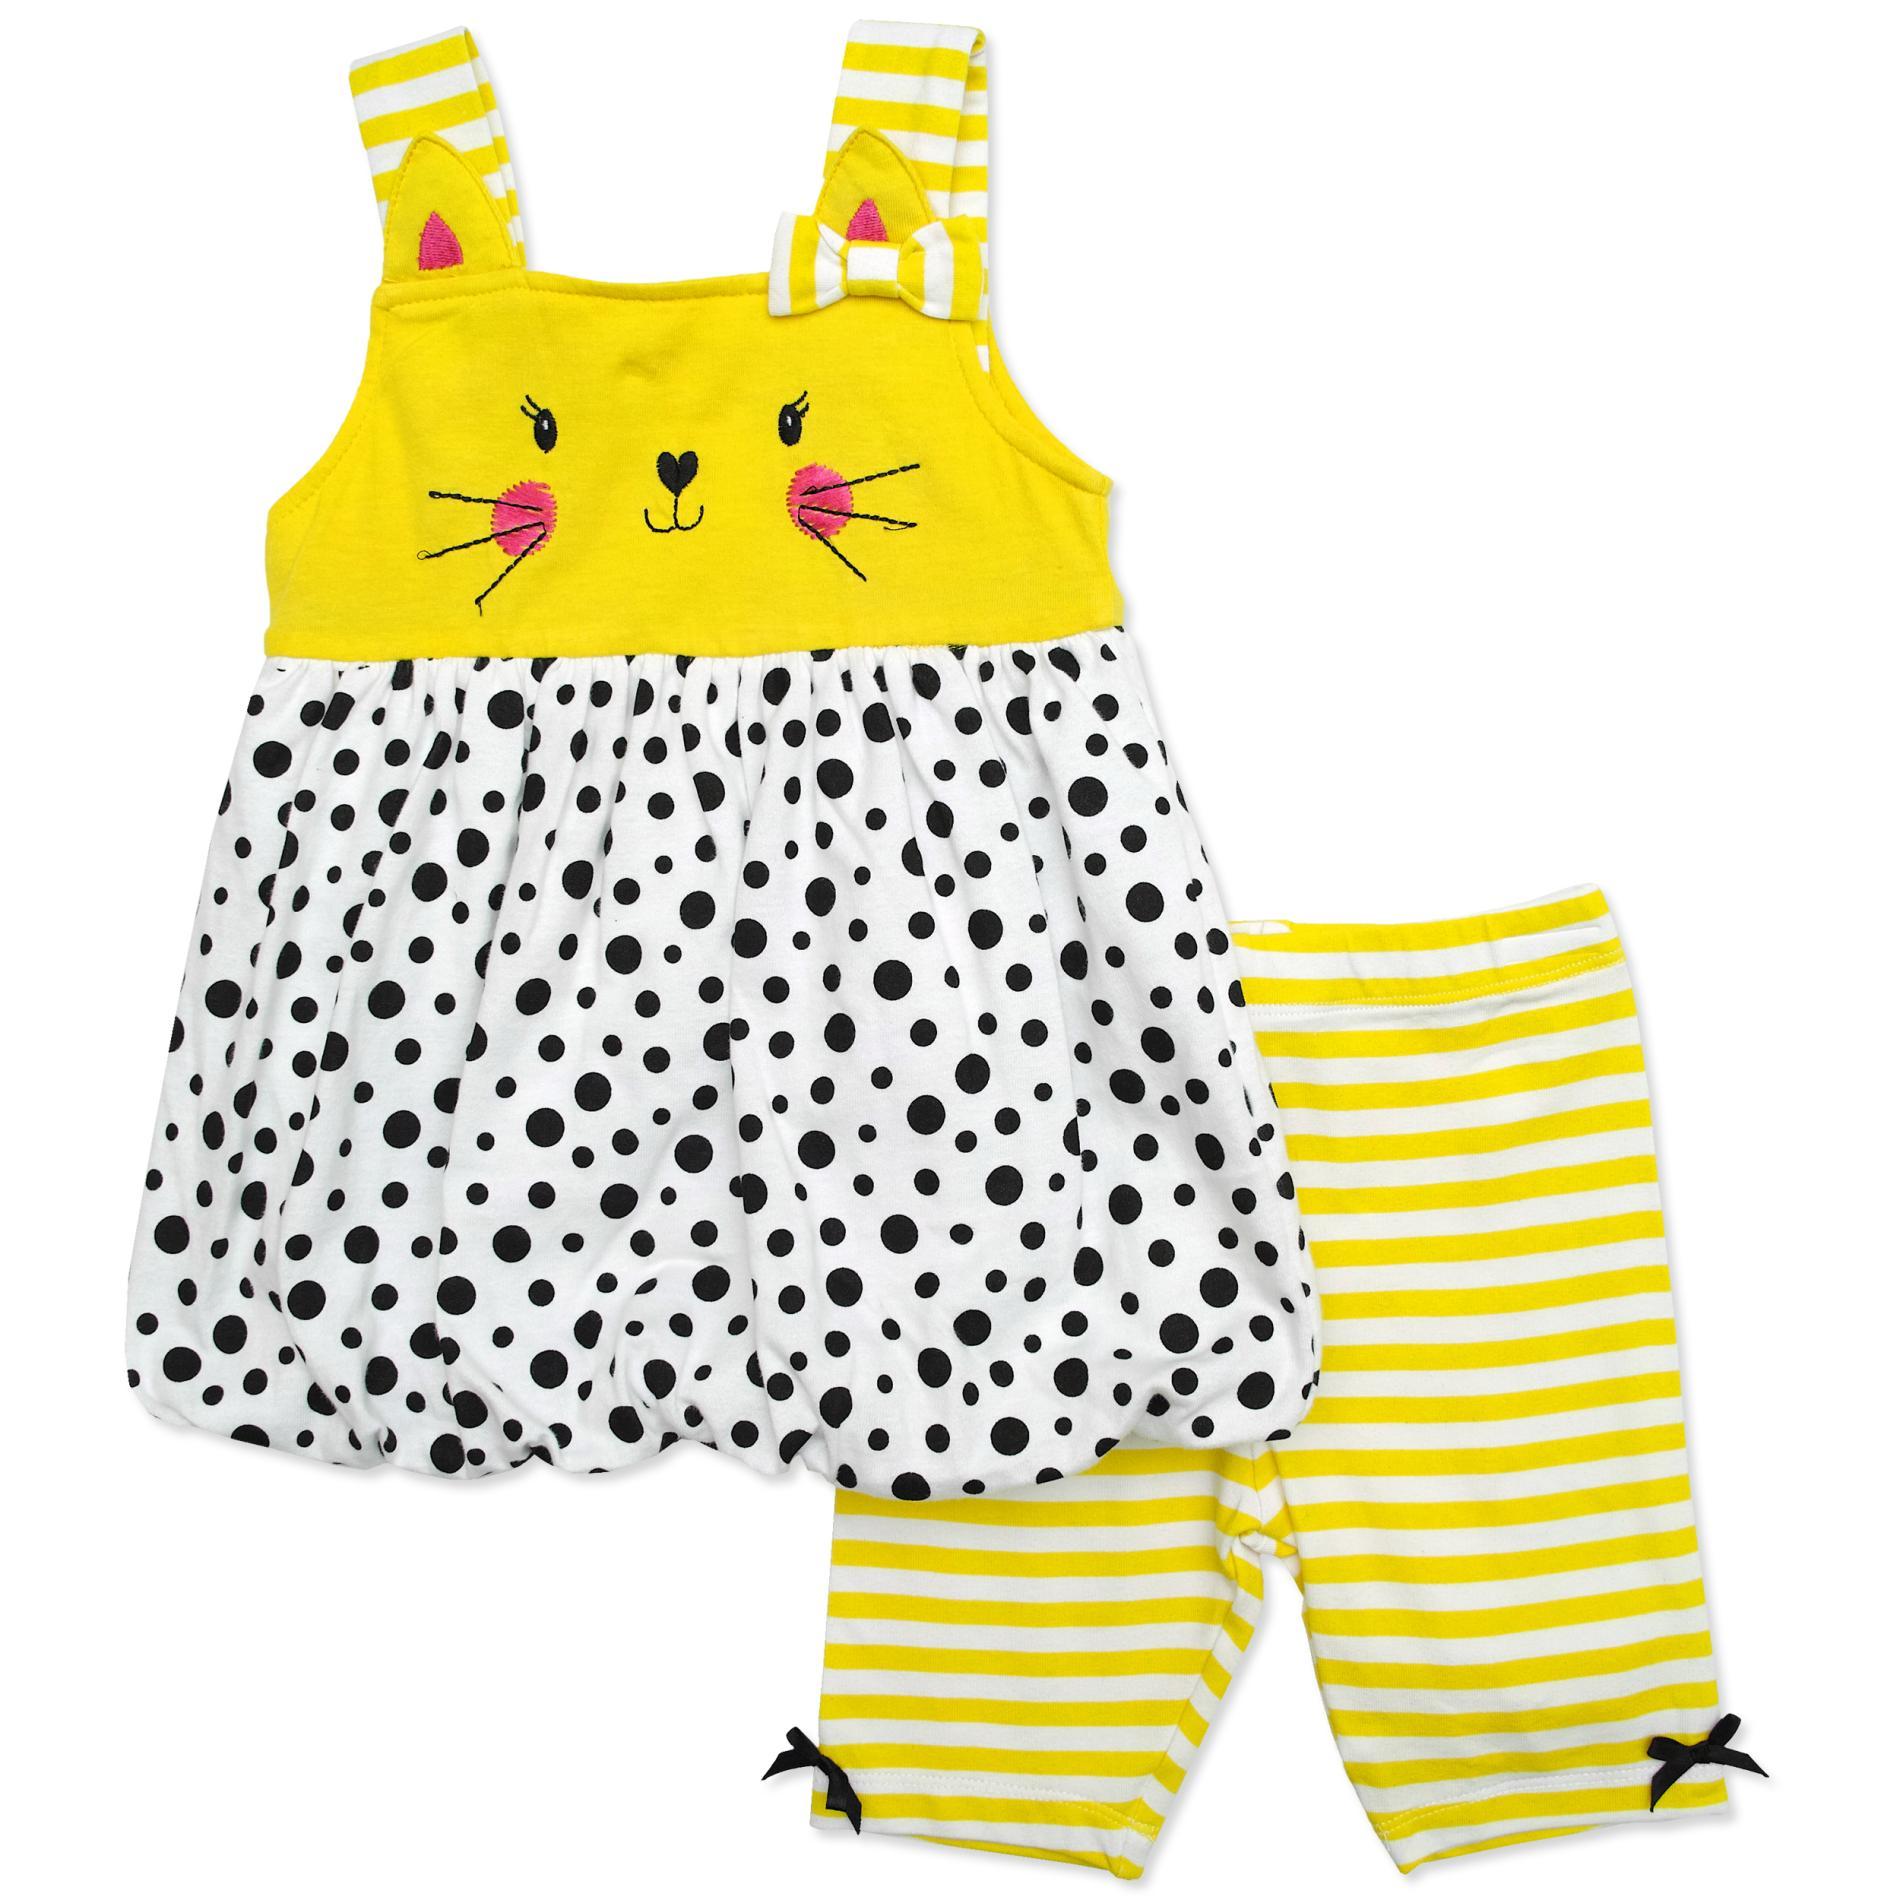 Nanette Infant & Toddler Girls' Sleeveless Tunic & Shorts - Striped & Polka Dot PartNumber: 029VA94985712P MfgPartNumber: 6CG5779